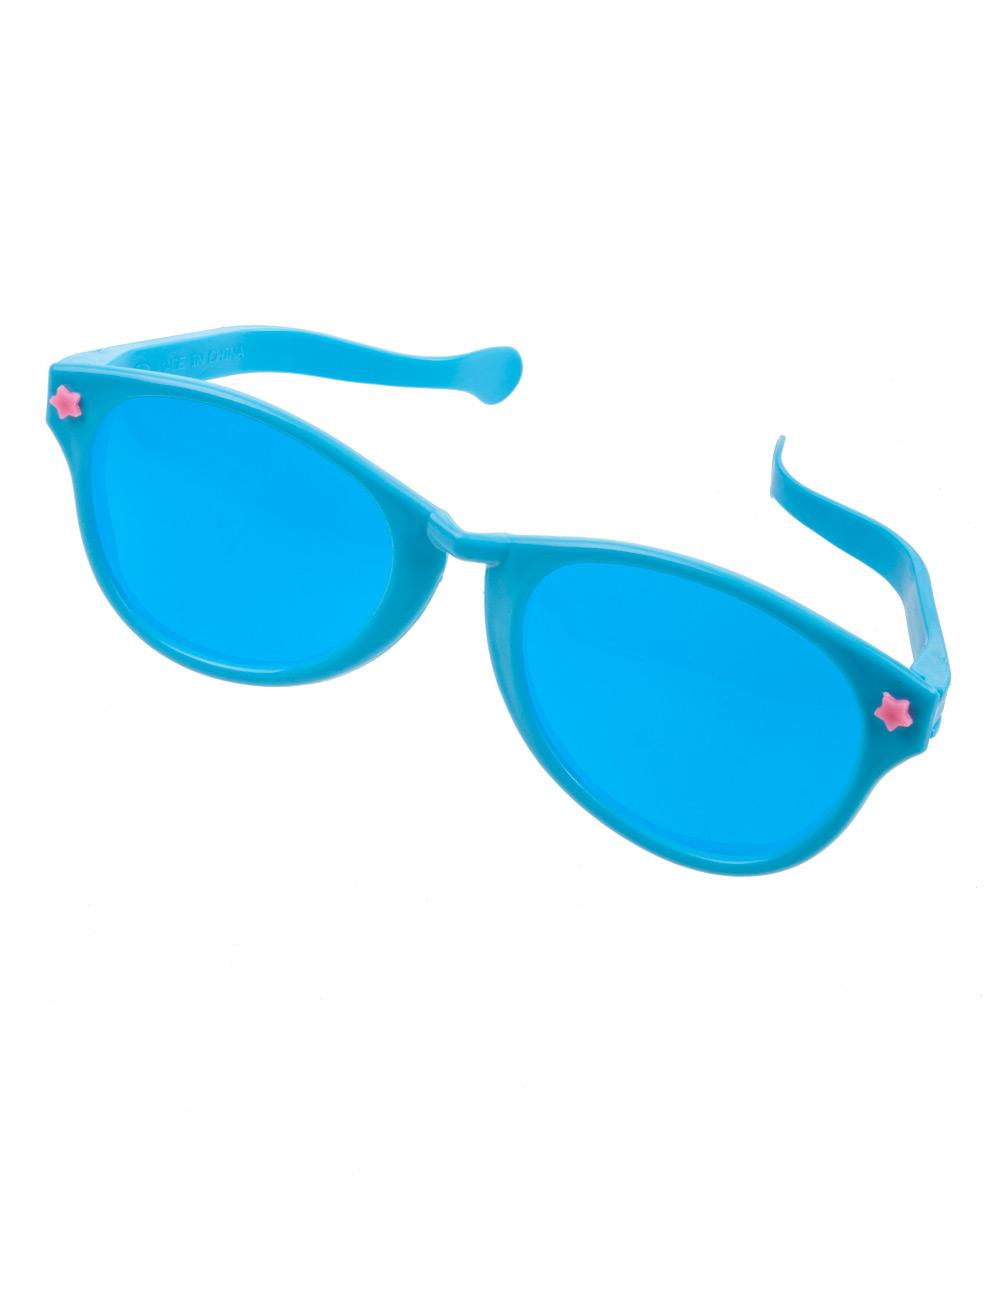 Kostuemzubehor Brille riesig blau